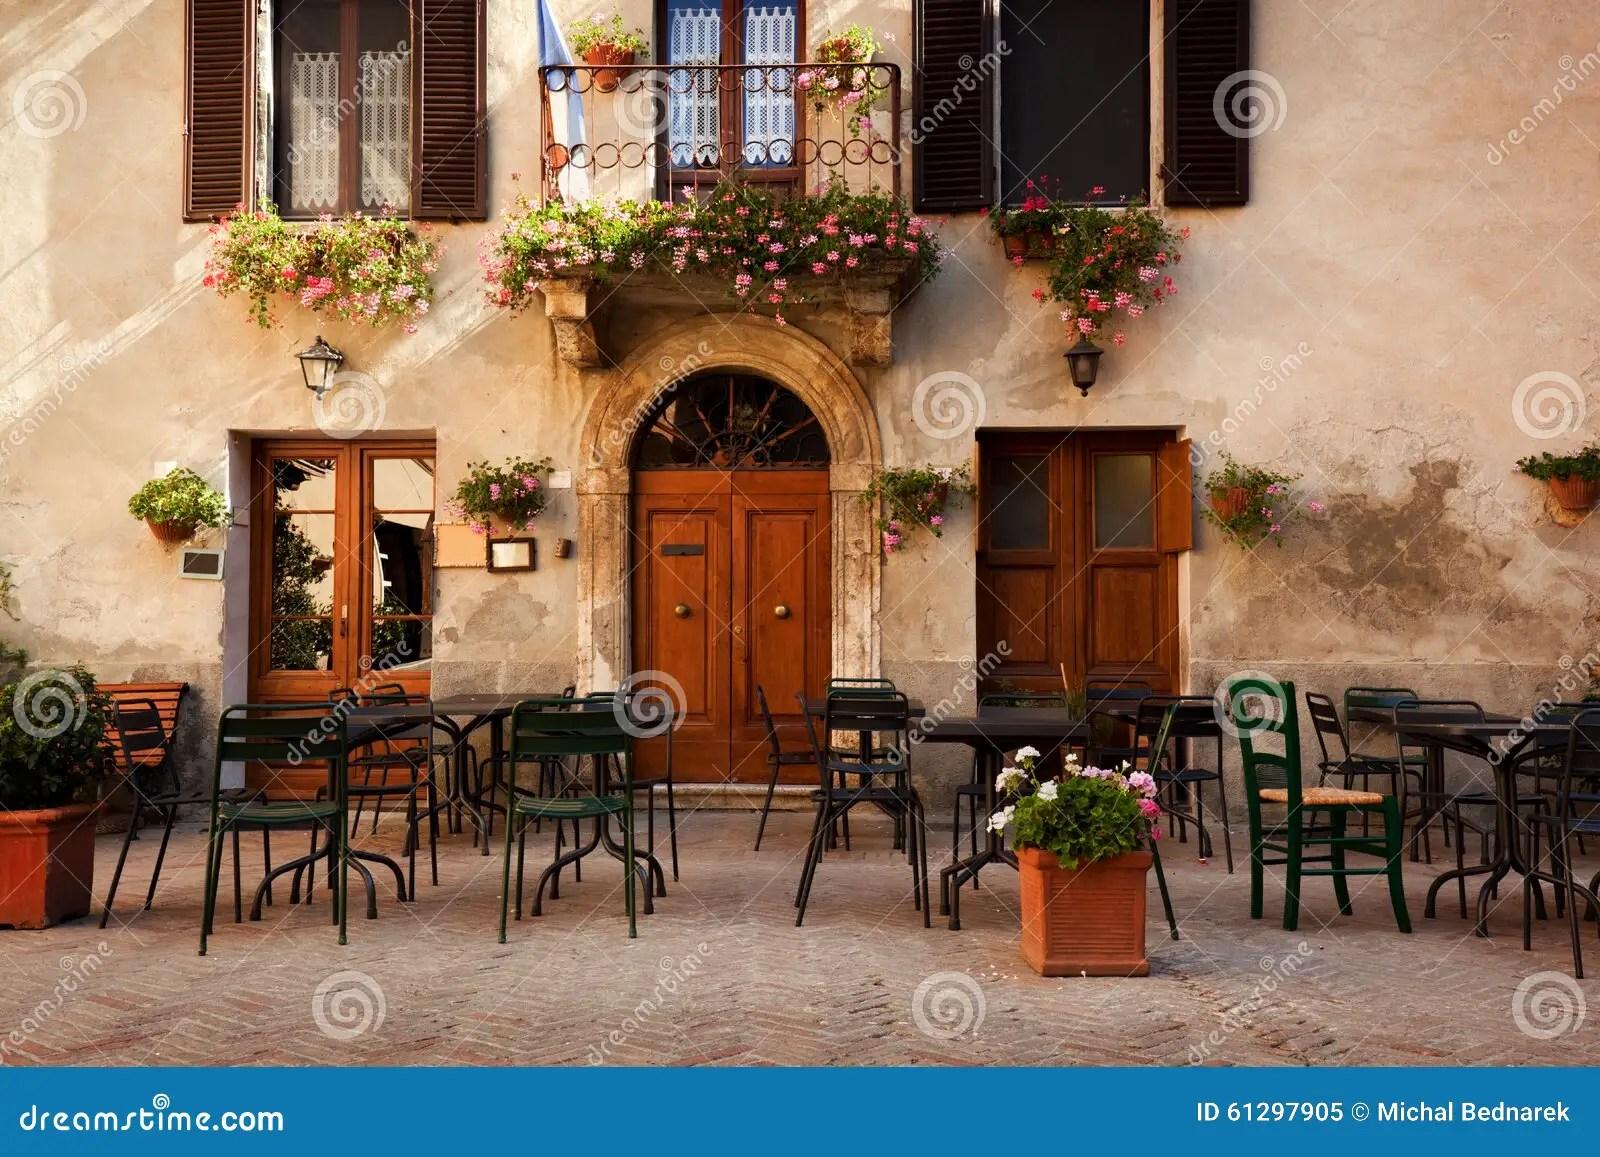 Retro Romantic Restaurant Cafe In A Small Italian Town